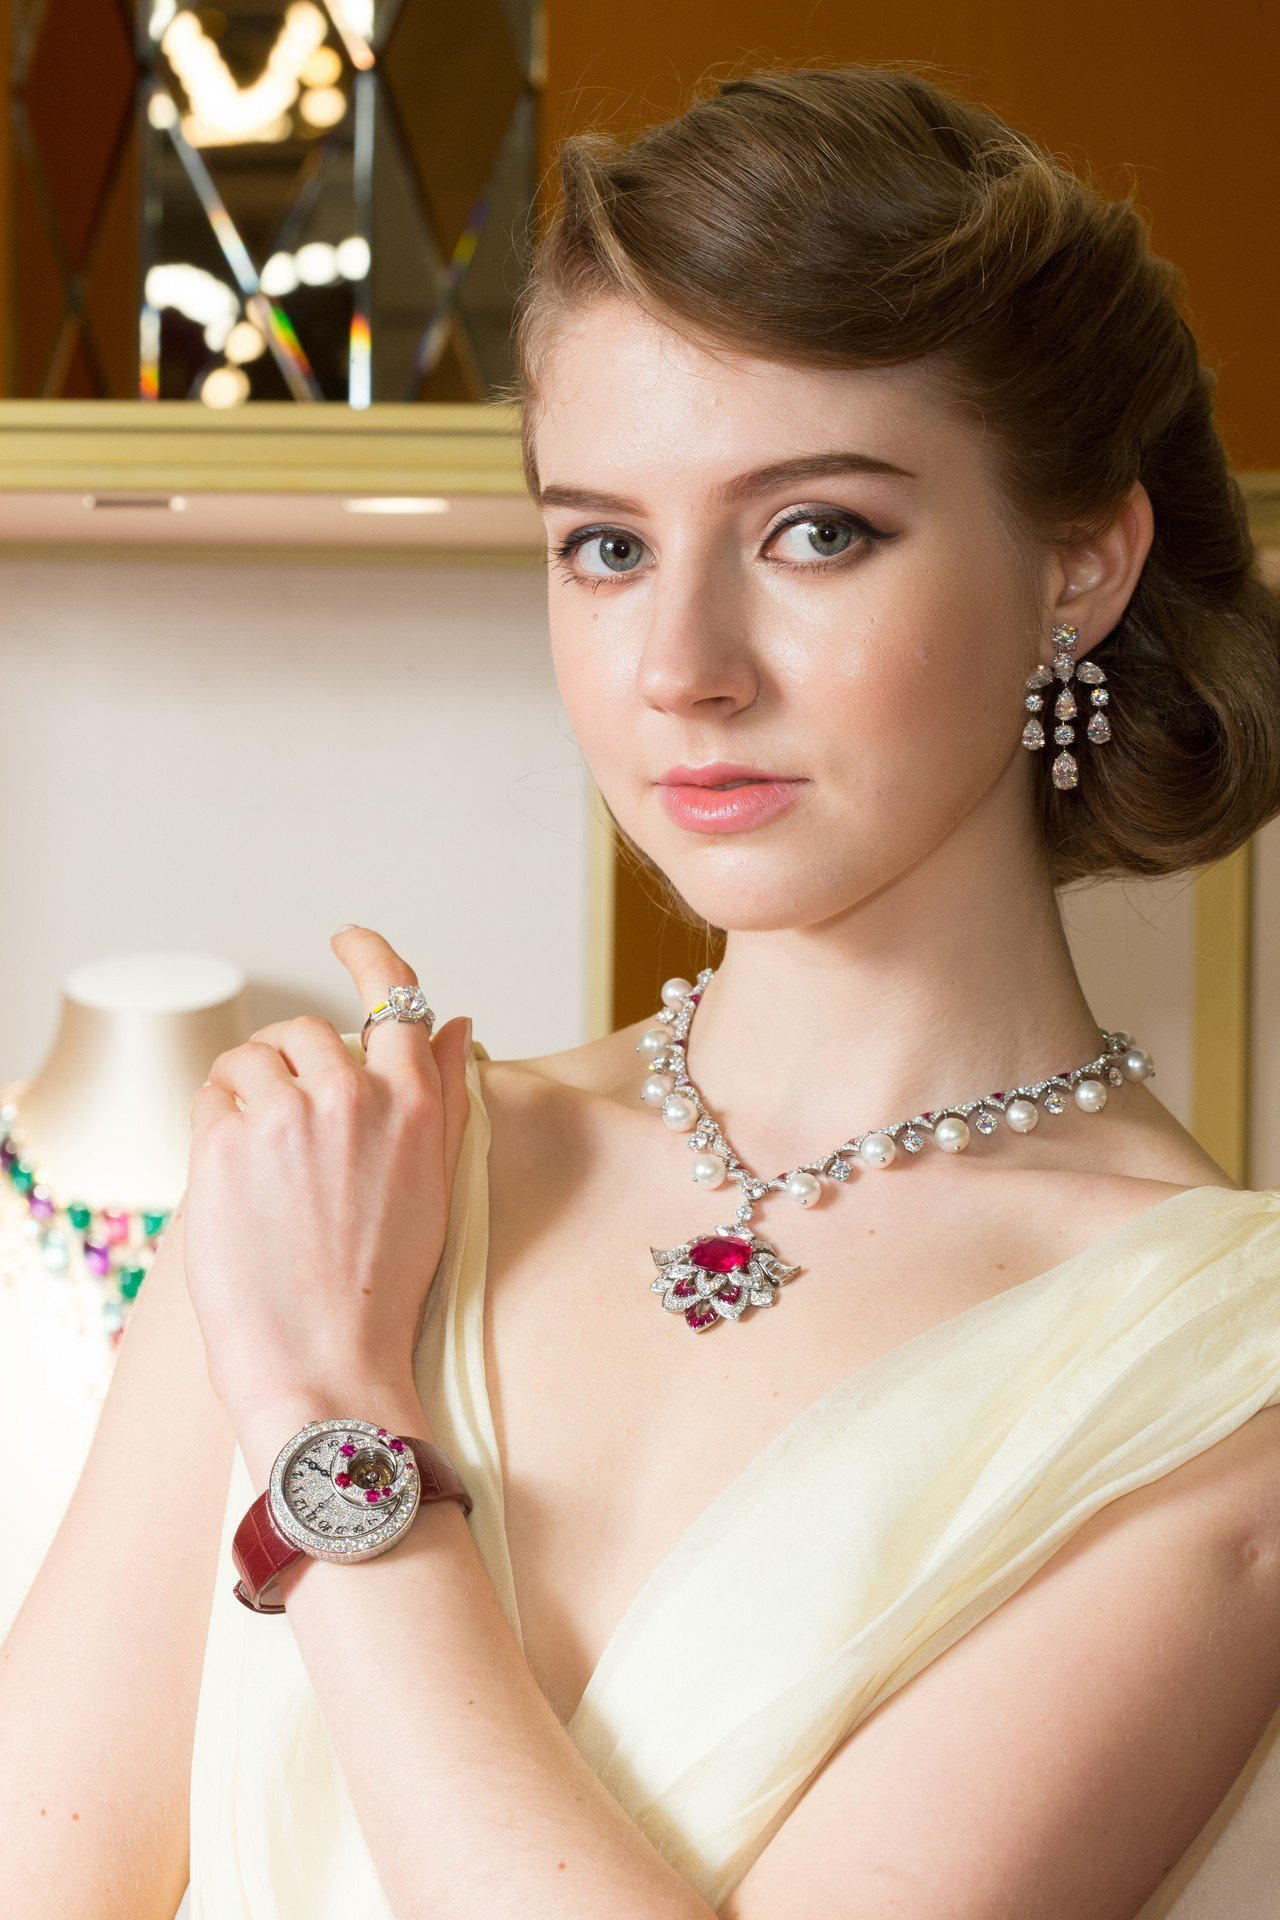 模特兒展示BVLGARI FESTA係列寶格麗頂級珠寶,其中的「羅馬之心」紅寶石...